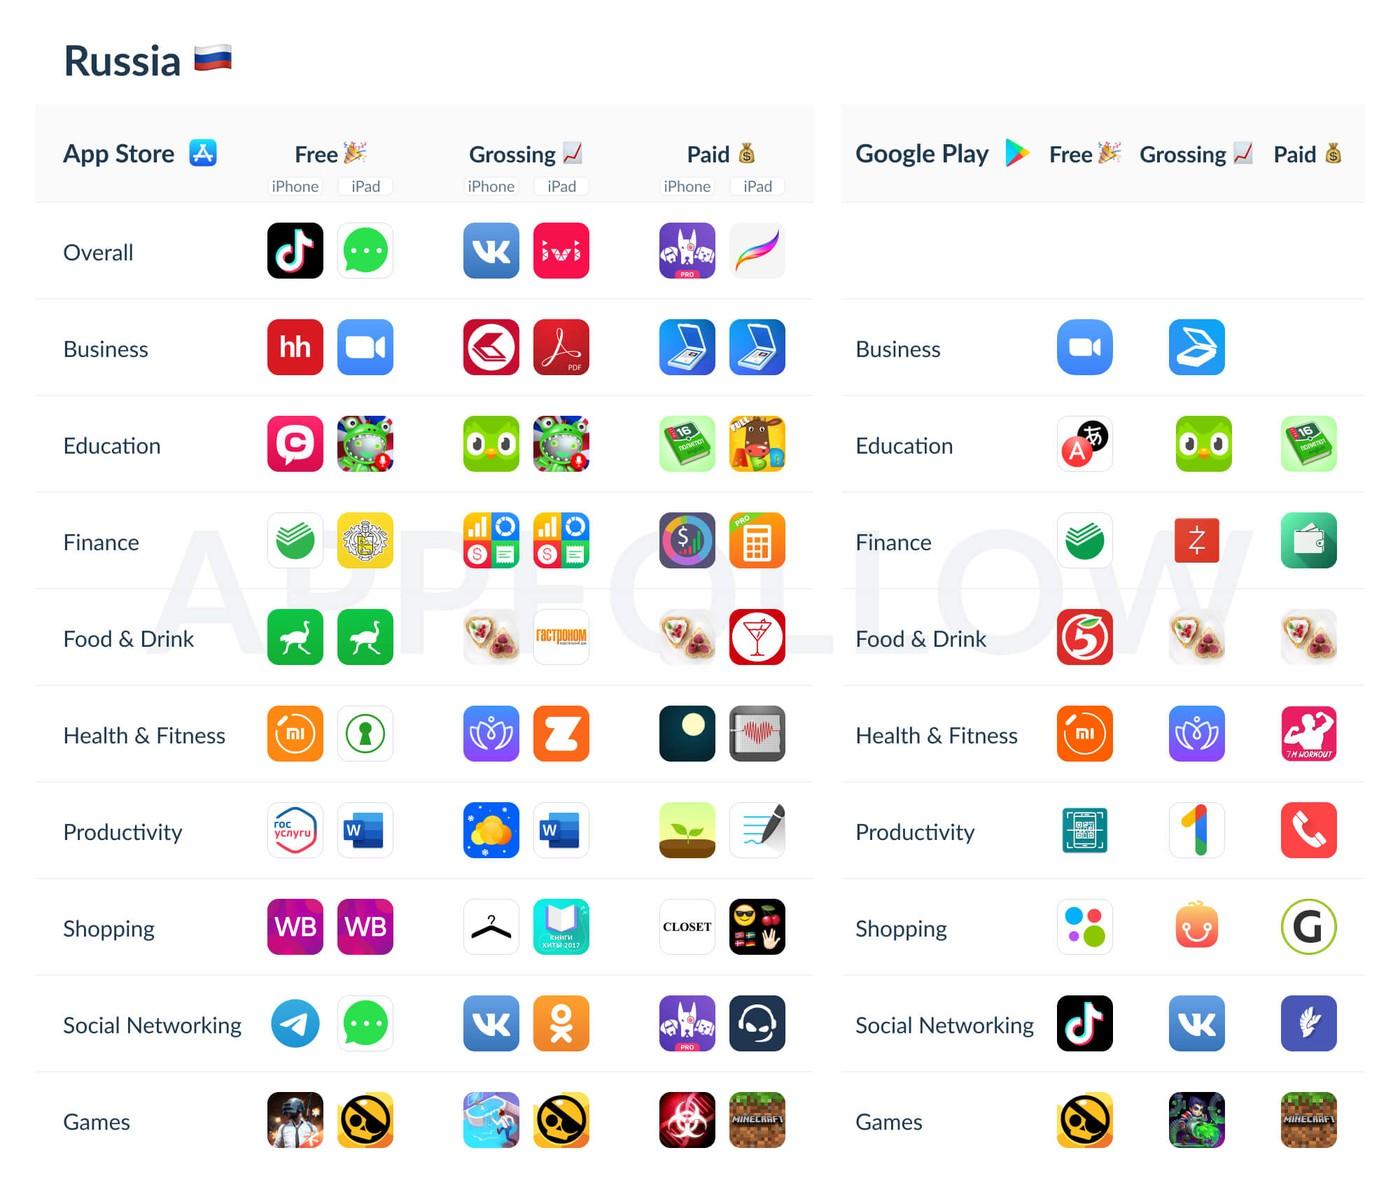 список топ-приложений в России за 2020 год